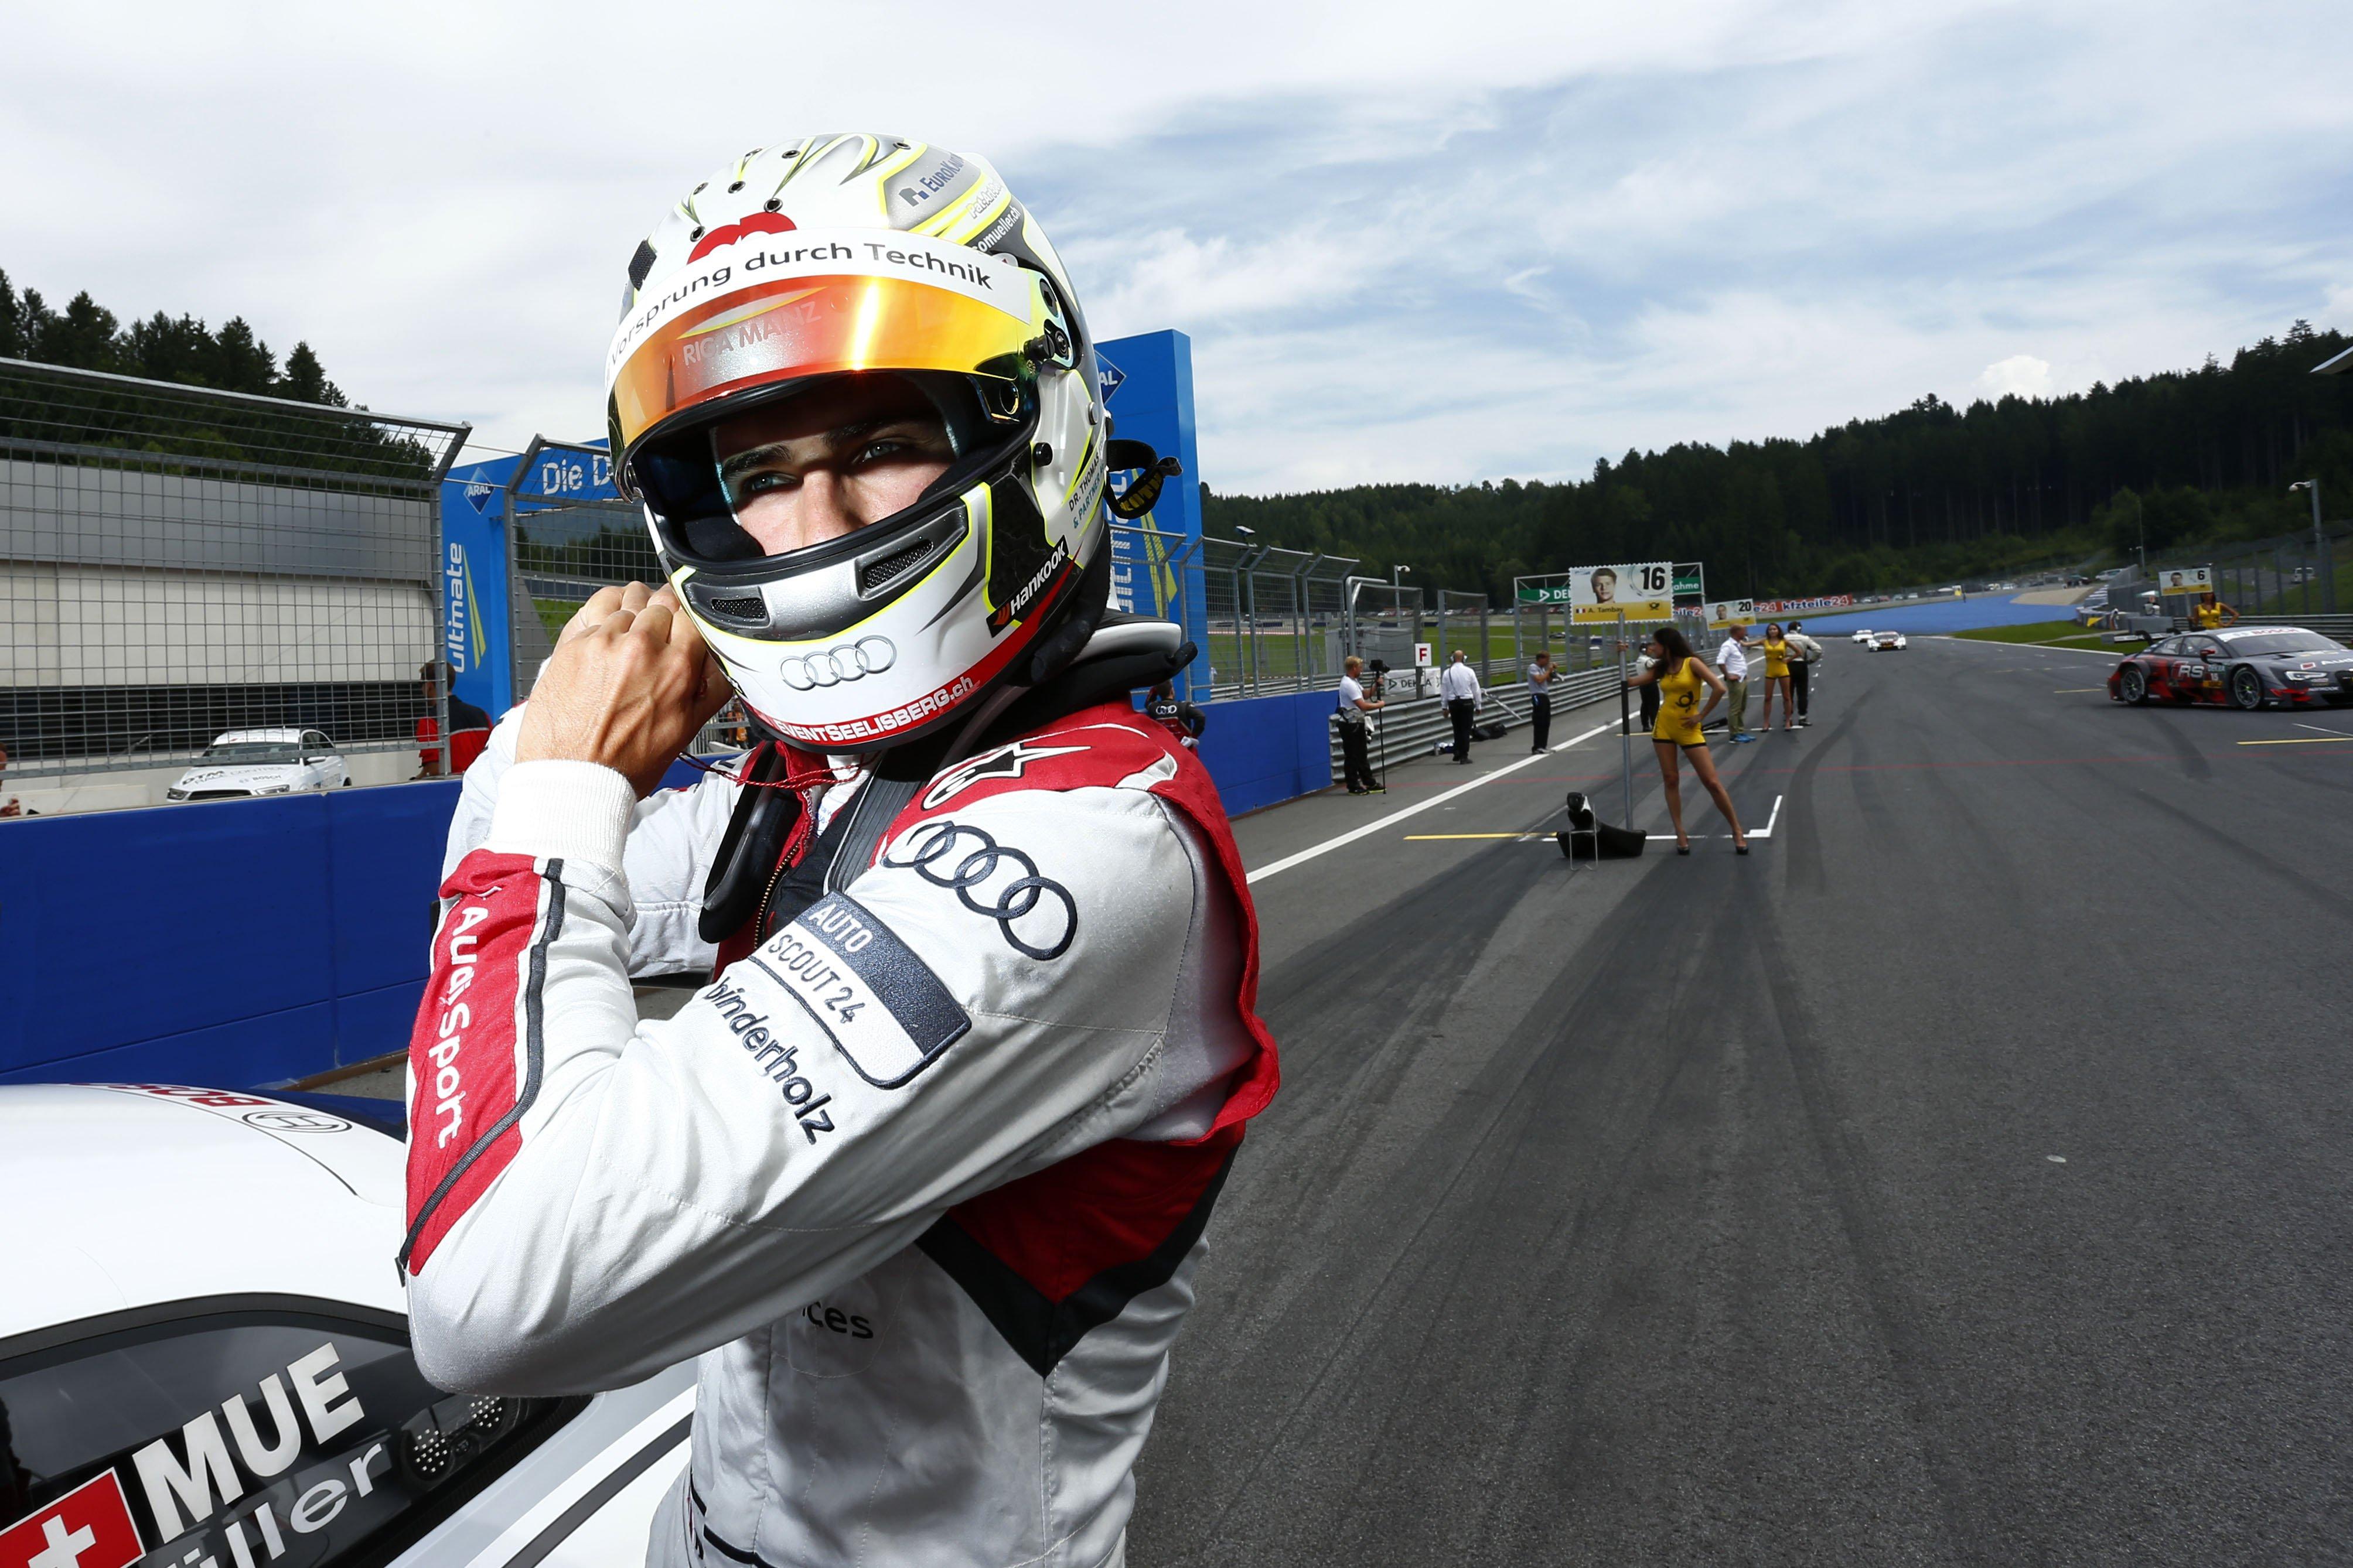 Нико Мюллер выступит на французском этапе мирового ралли-кросса за команду Маттиаса Экстрёма